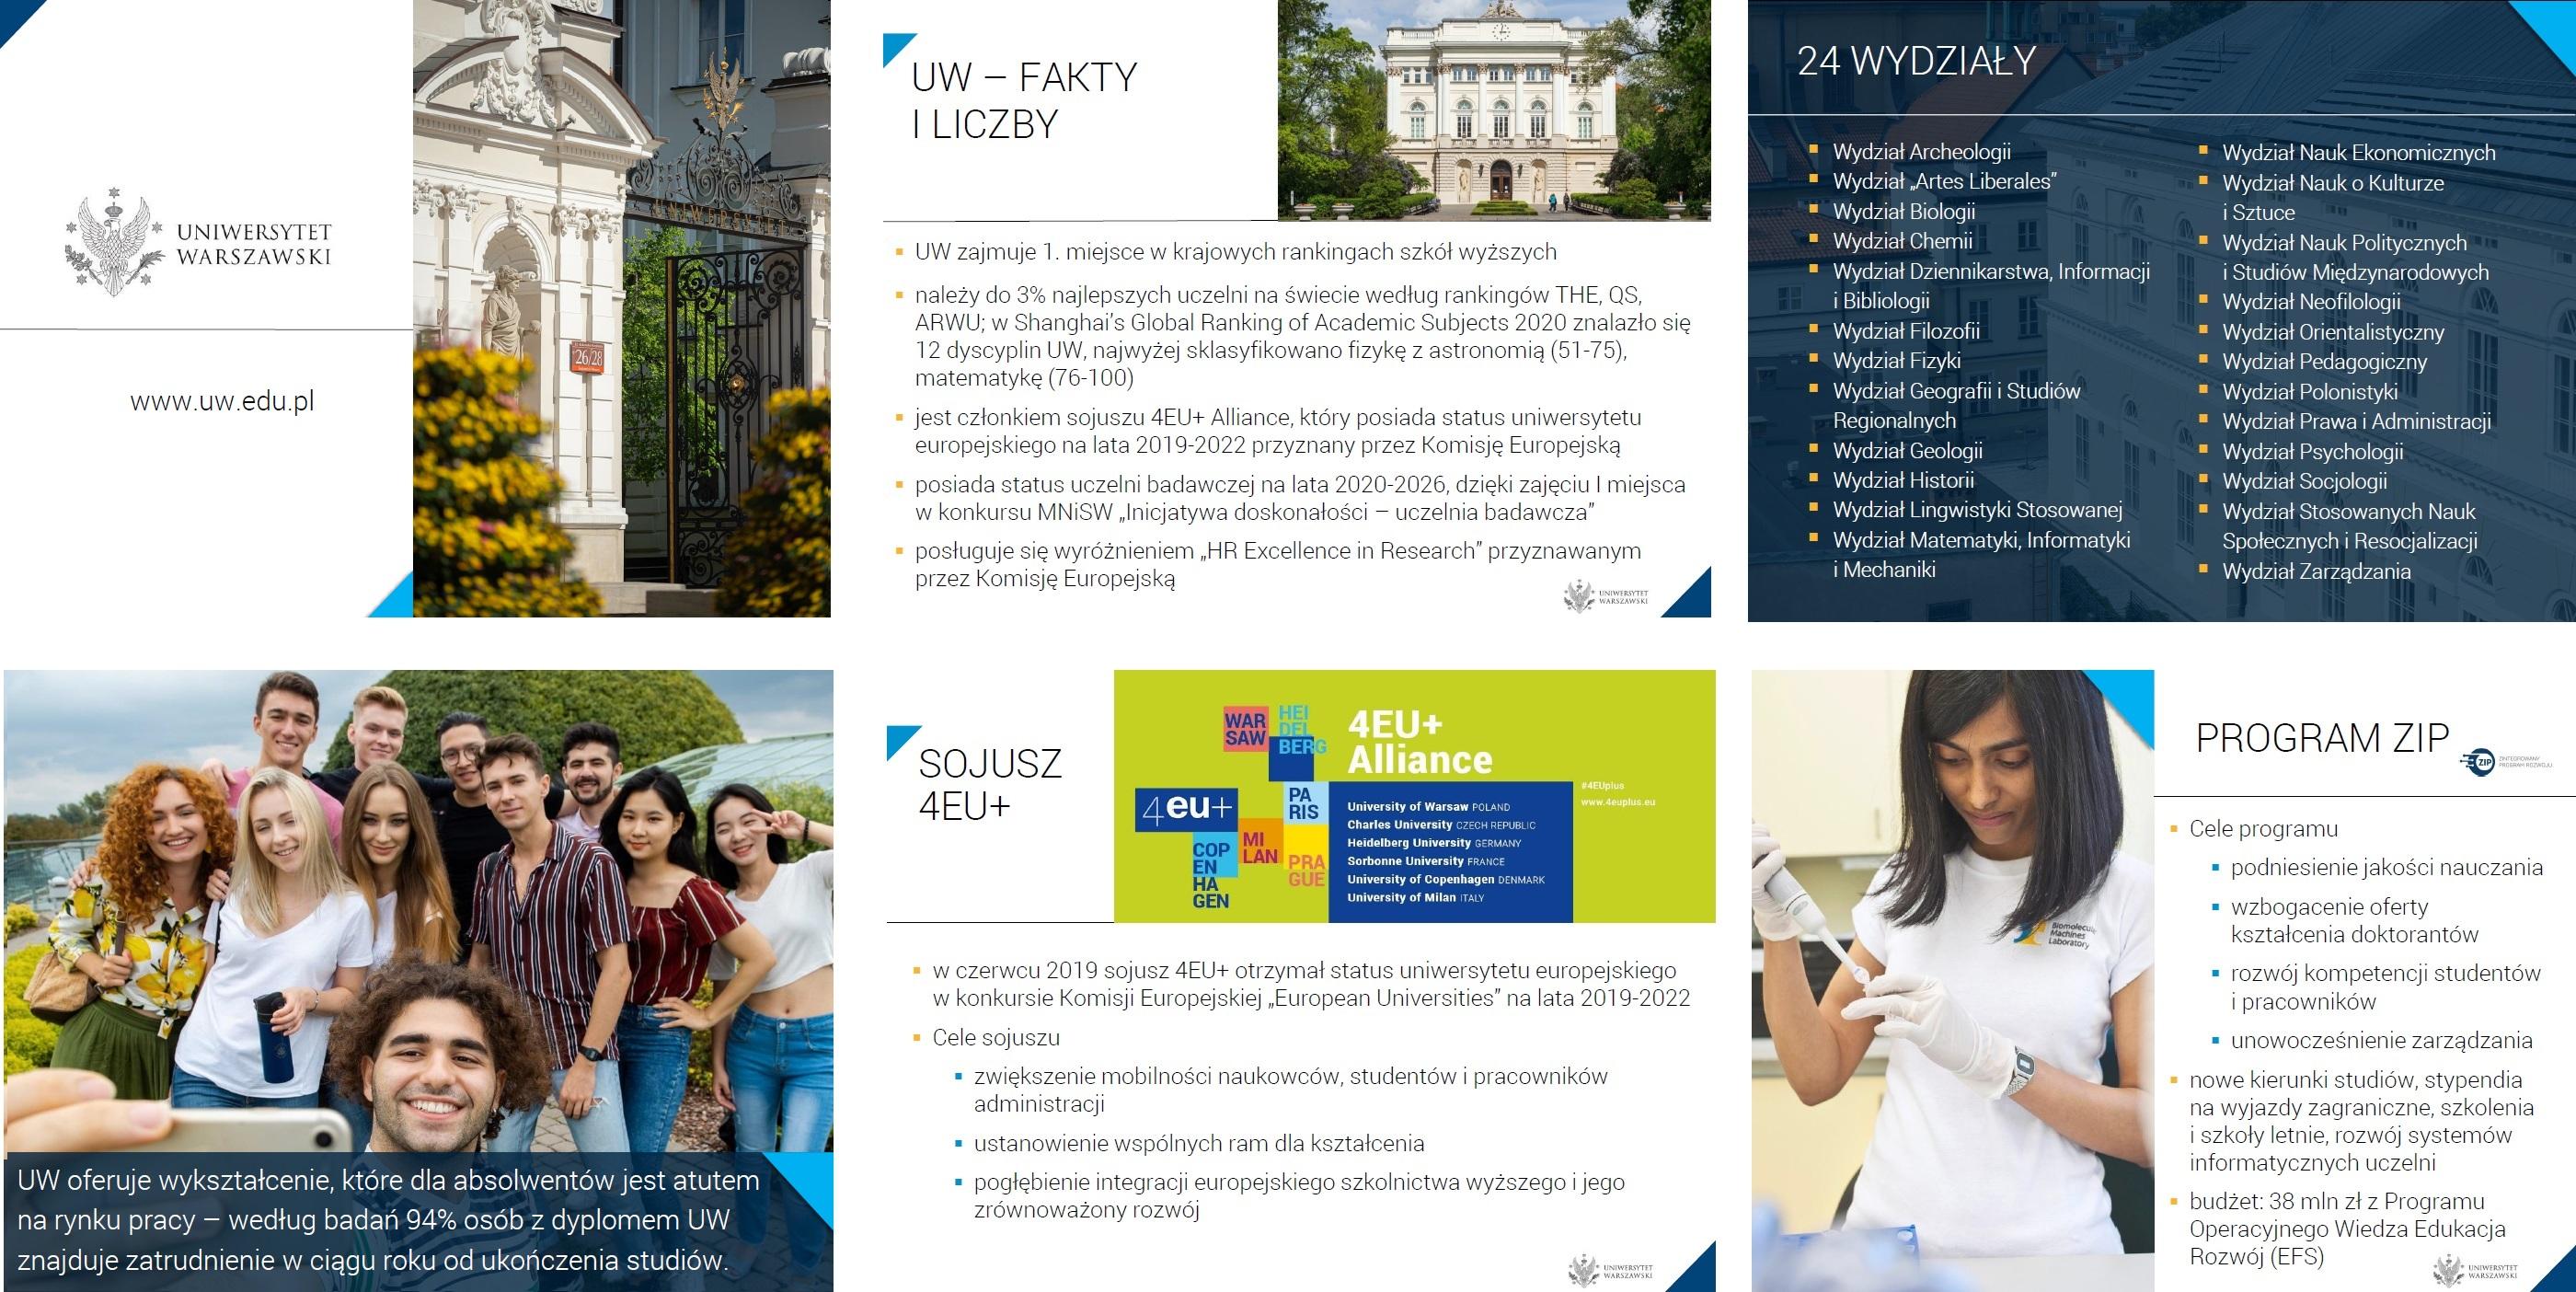 Prezentacje o Uniwersytecie na rok 2020/2021